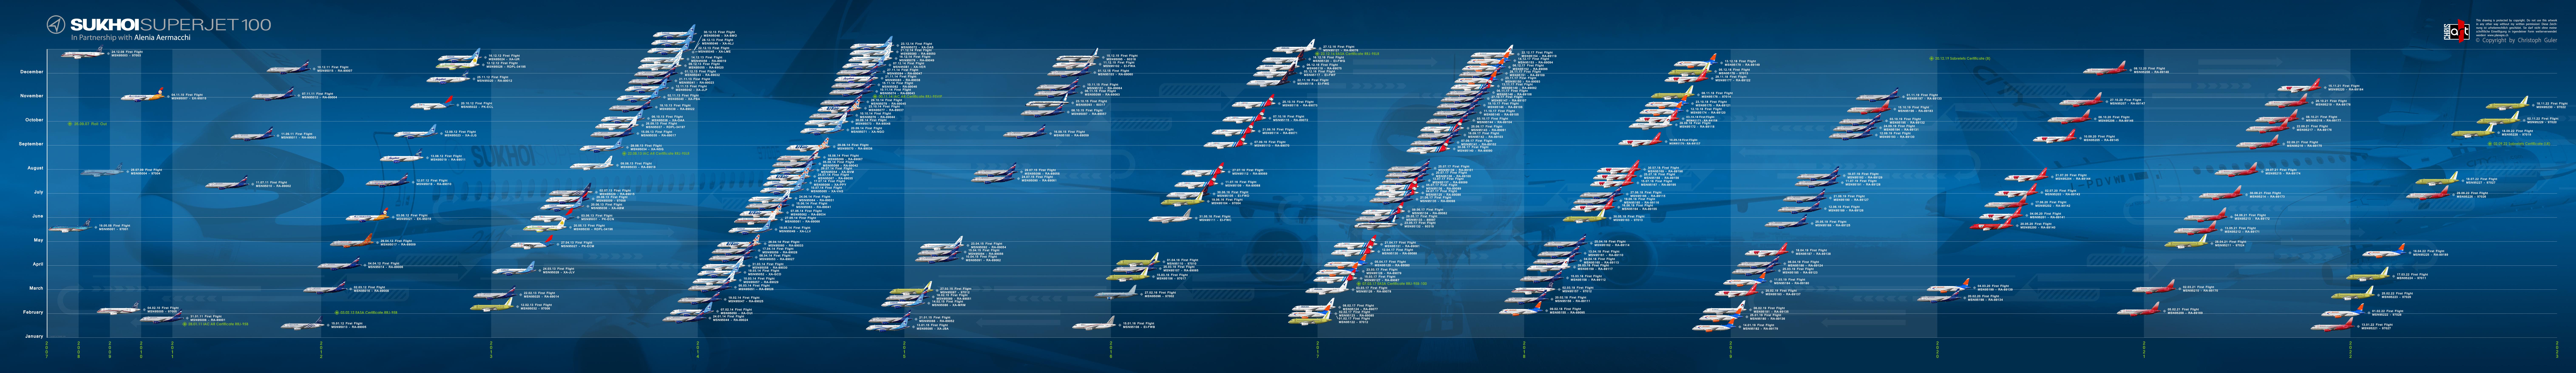 SukhoiSuperjet100_Timeline_FirstFlights.jpg